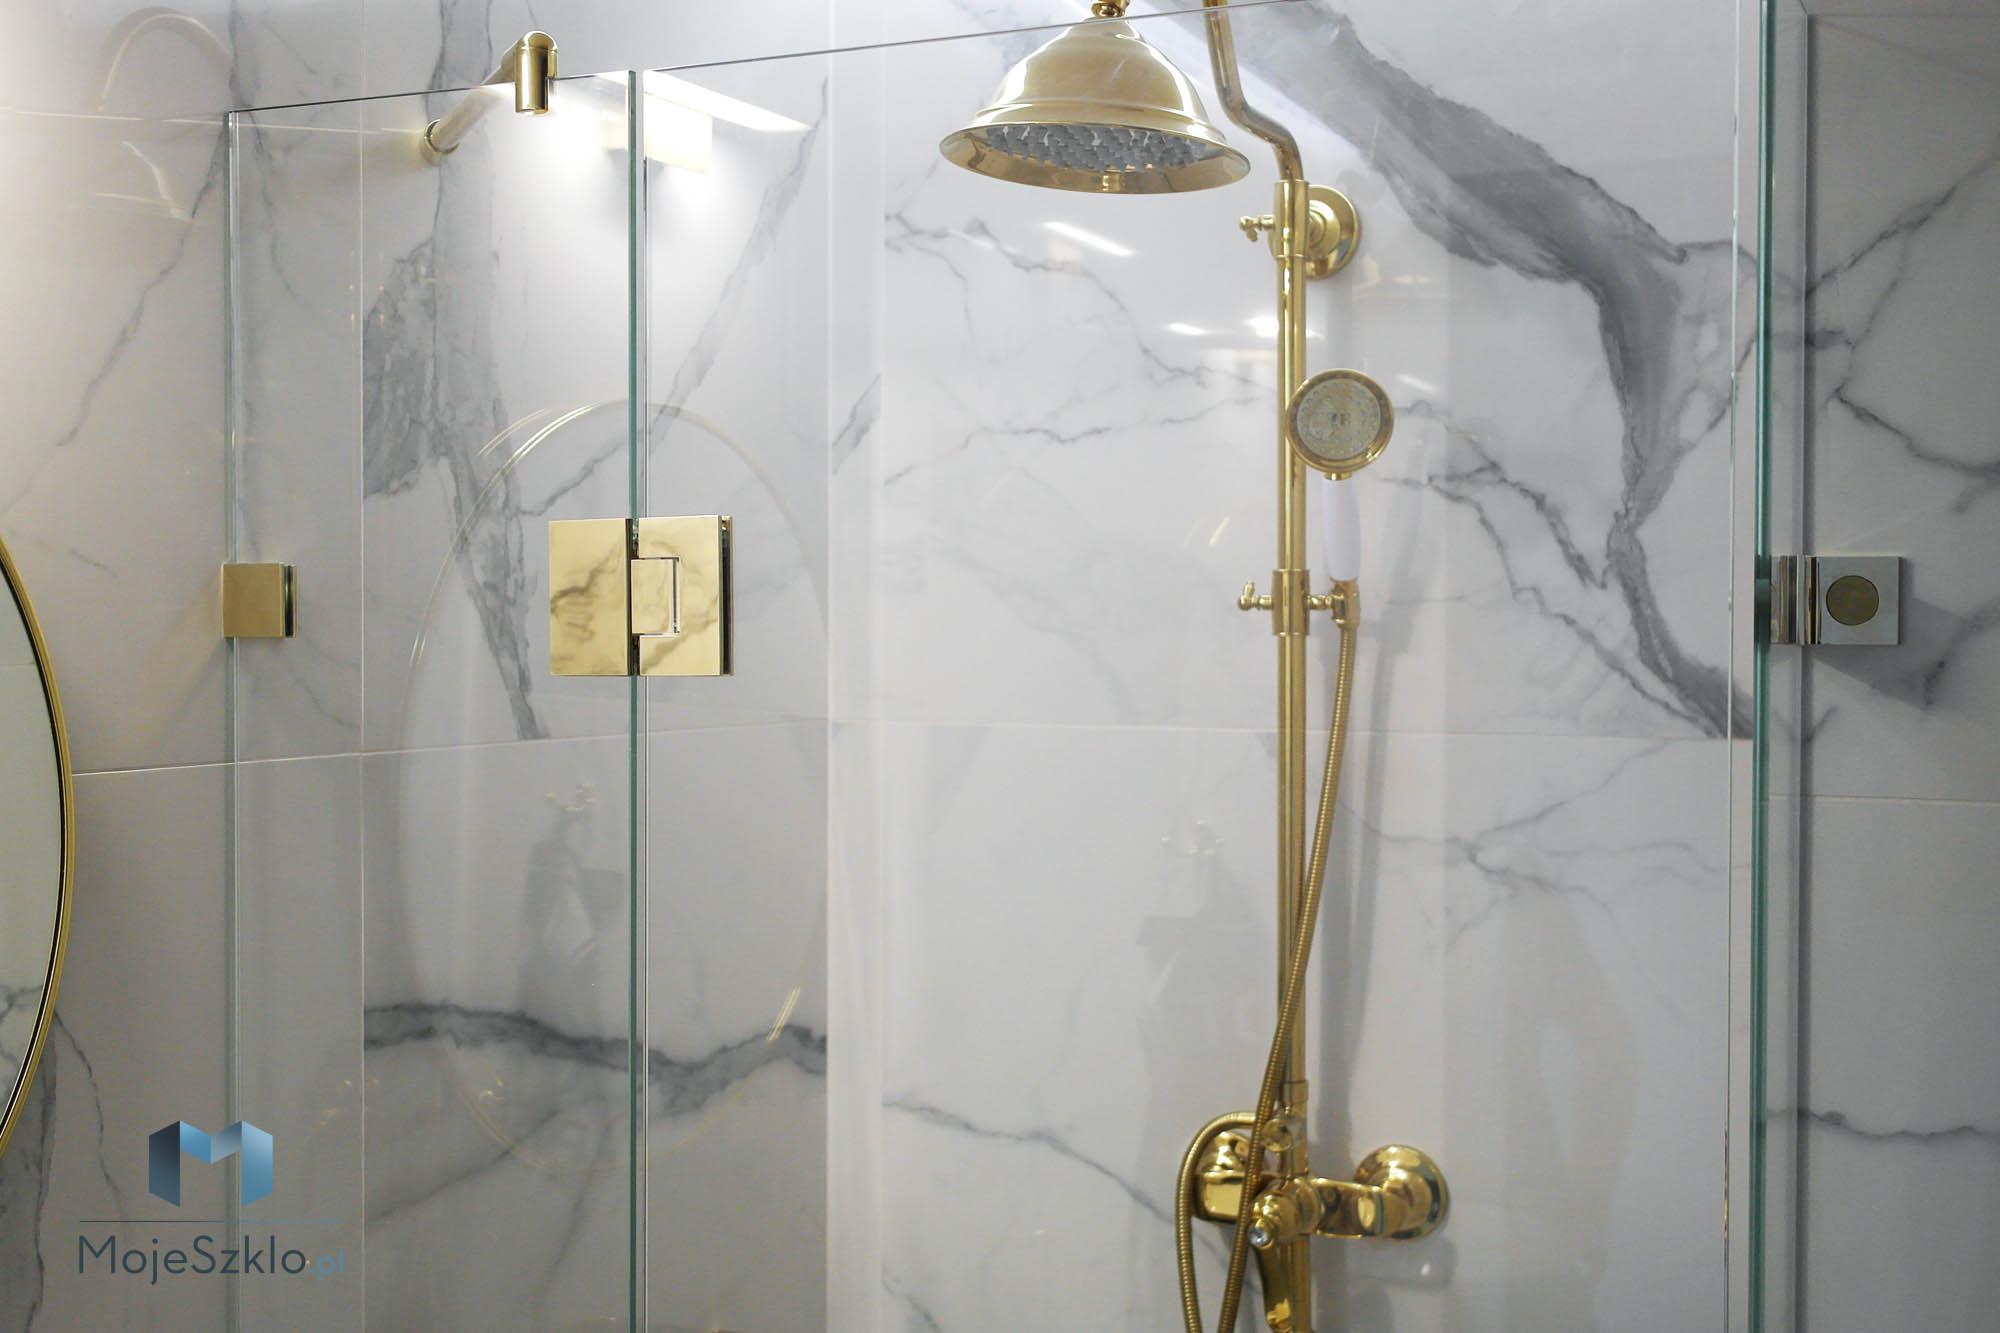 Zlota Kabina Prysznicowa Krakow - Złota kabina prysznicowa. Kabina w złotych okuciach